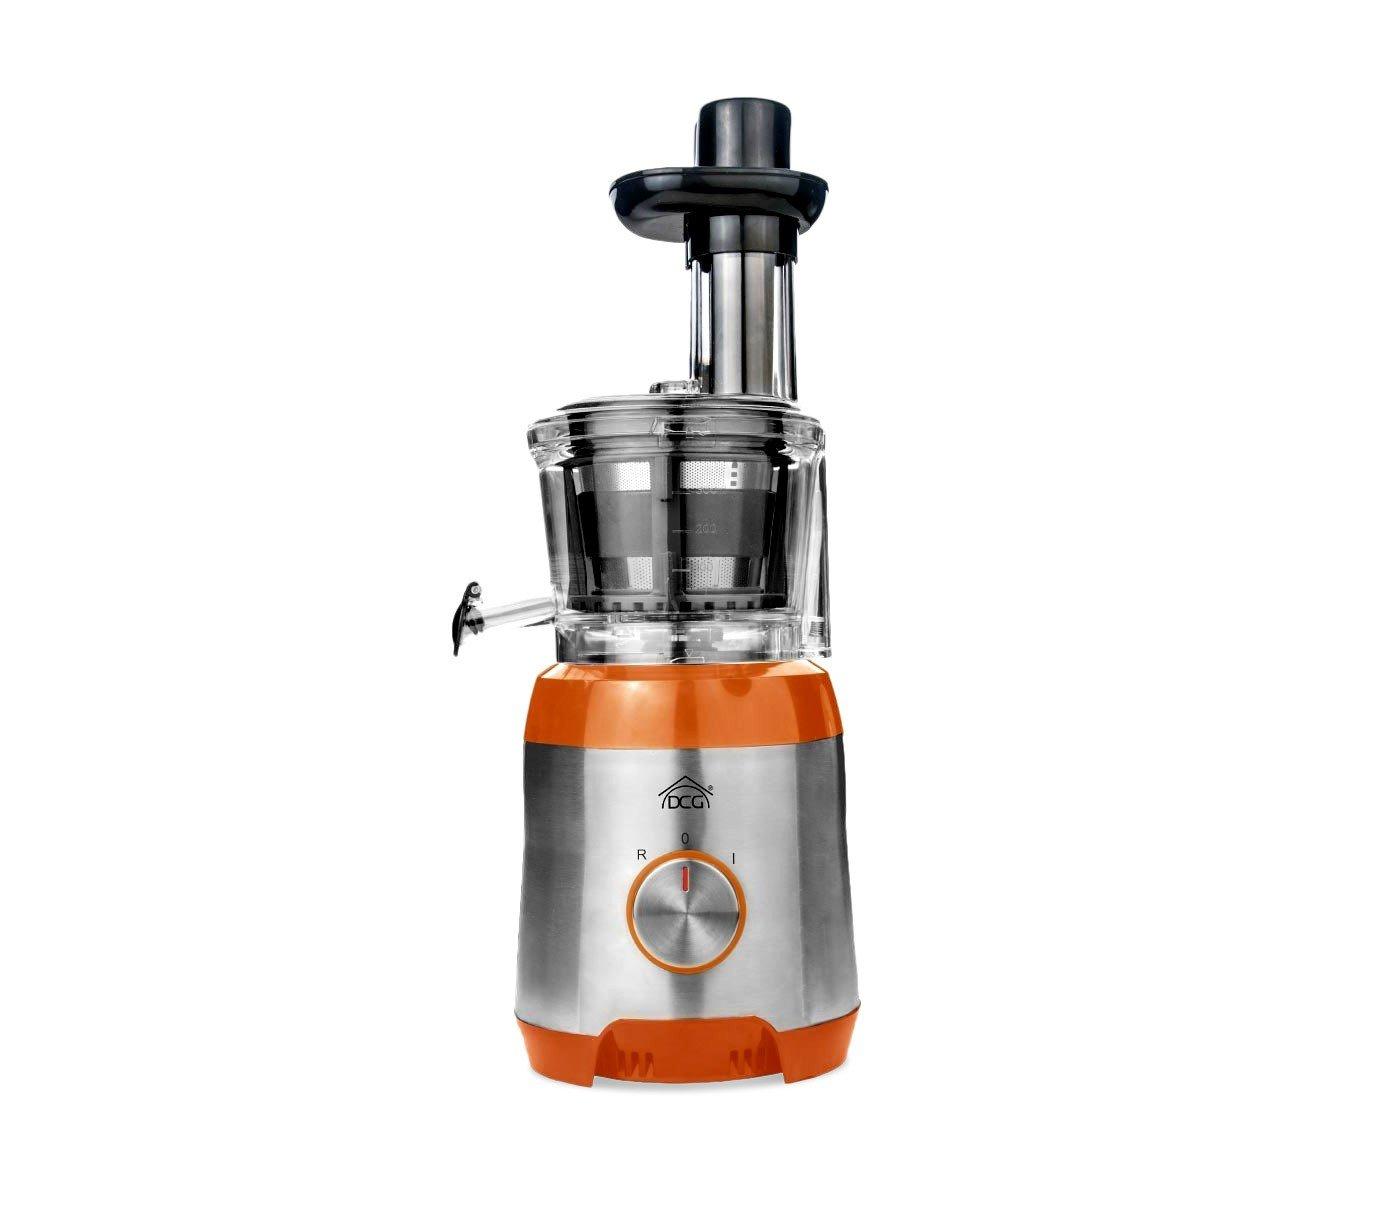 AE2135 Centrifugadora en frío DCG 300W extractor de jugo para ...